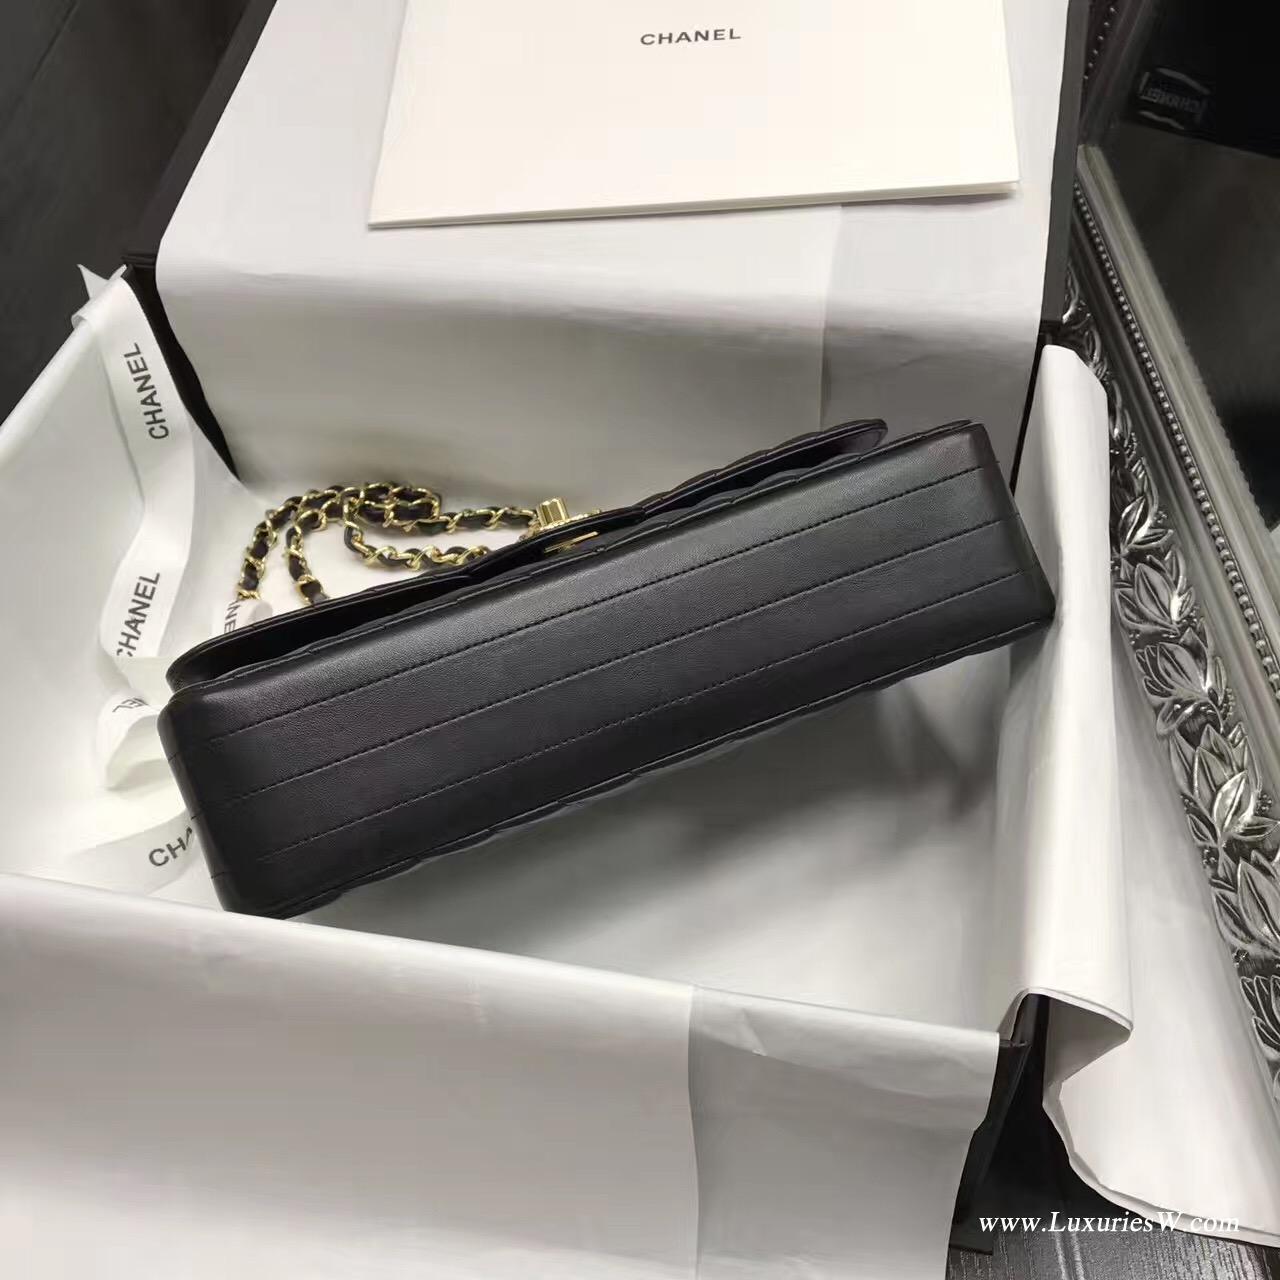 小香Classic Flap Bag黑色V型 A01112 口蓋包小羊皮金色金屬